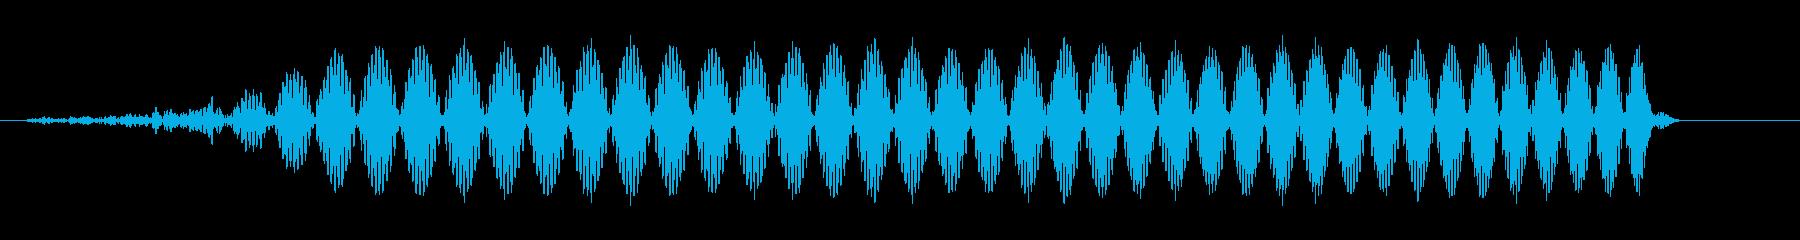 ブーン(上がり調子な近未来電子音)の再生済みの波形